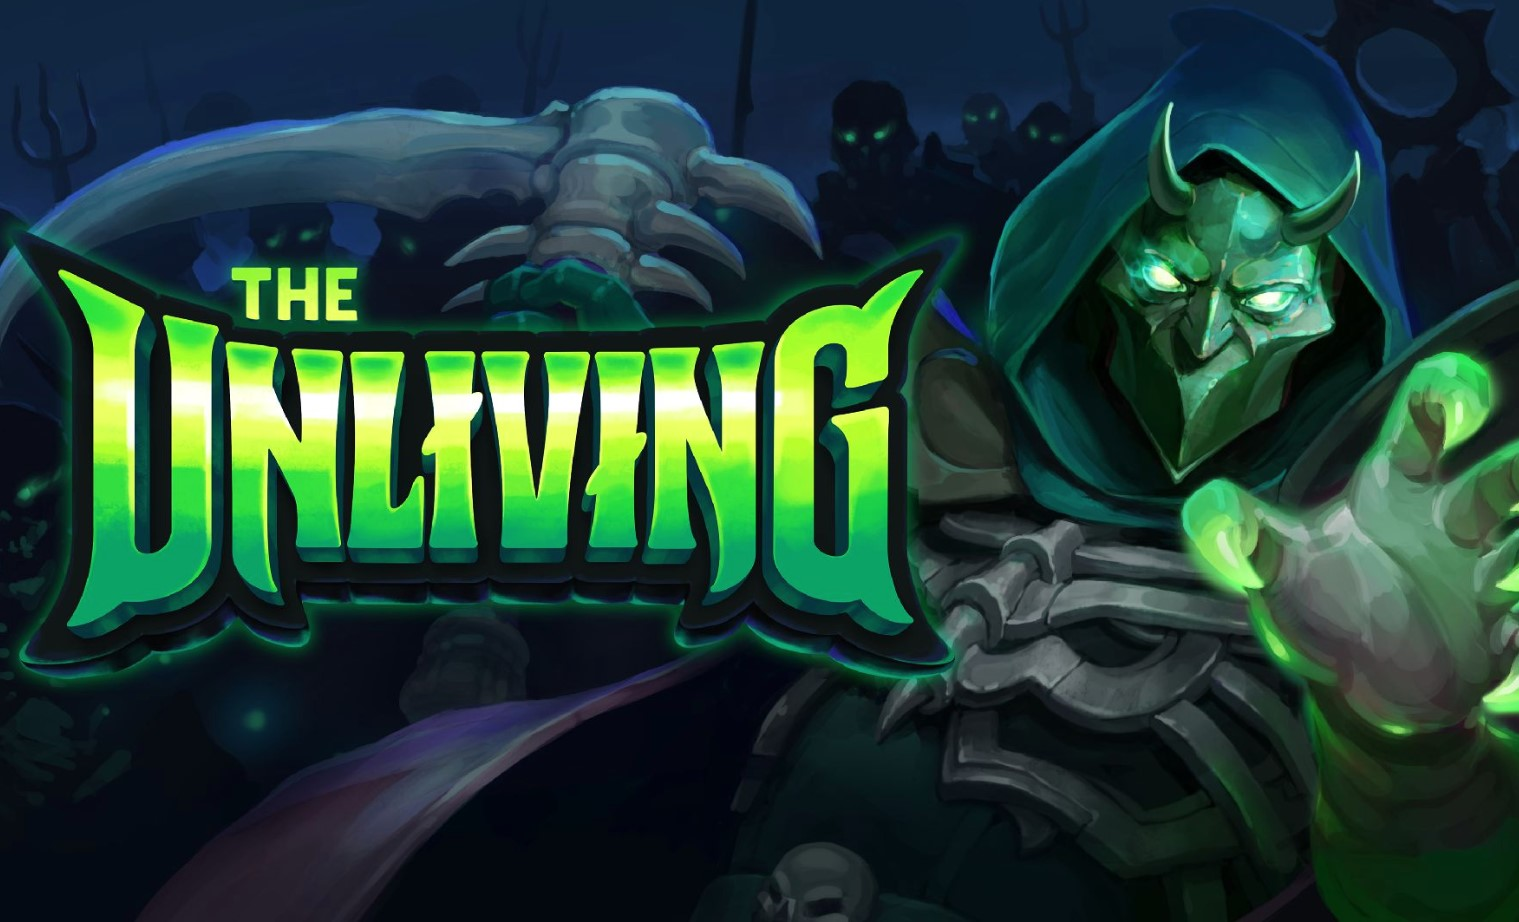 Los creadores de Worms, Team 17, dieron a conocer el tráiler de su próximo juego: The Unliving, un RPG de acción con zombis y mucha oscuridad